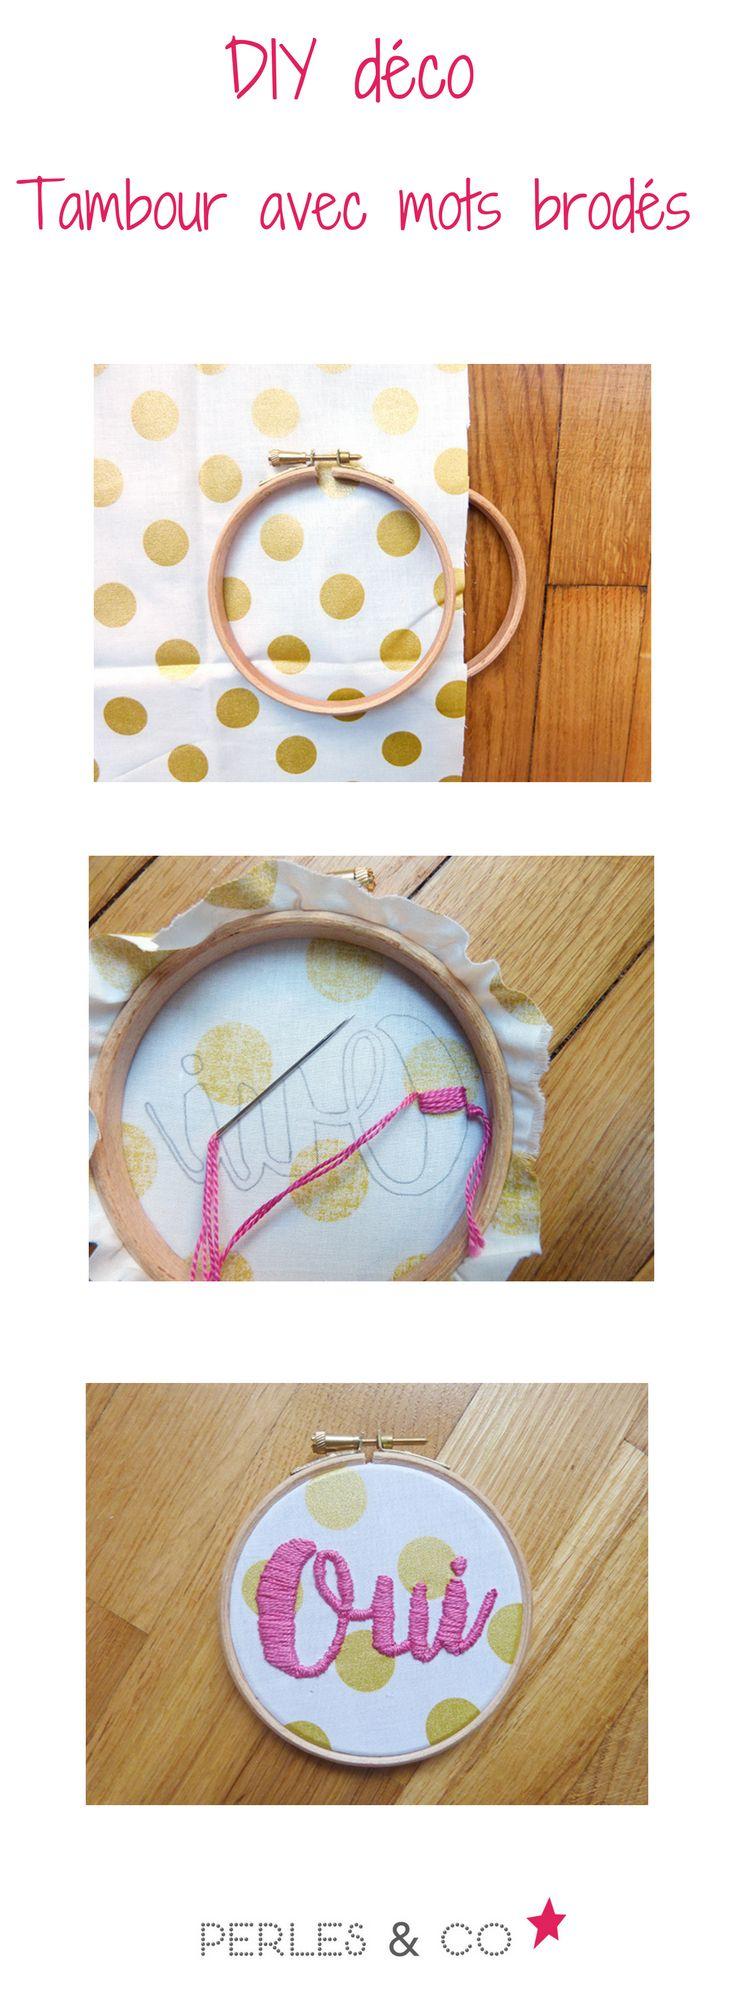 Un DIY spécial déco, original et inspirant, ça vous tente? Raphaëlle, du blog Une fille hibou nous propose d'utiliser des tambours à broder et du tissu pour y broder des mots motivants et inspirants. Ces tambours se transforment en tableaux à accrocher aux murs de votre atelier ... un objet déco idéal pour booster sa créativité!  Retrouvez le tutoriel sur le site de Perles & Co >> https://www.perlesandco.com/DIY_tambour_avec_mots_brodes_sur_tissu-s-2766-37.html